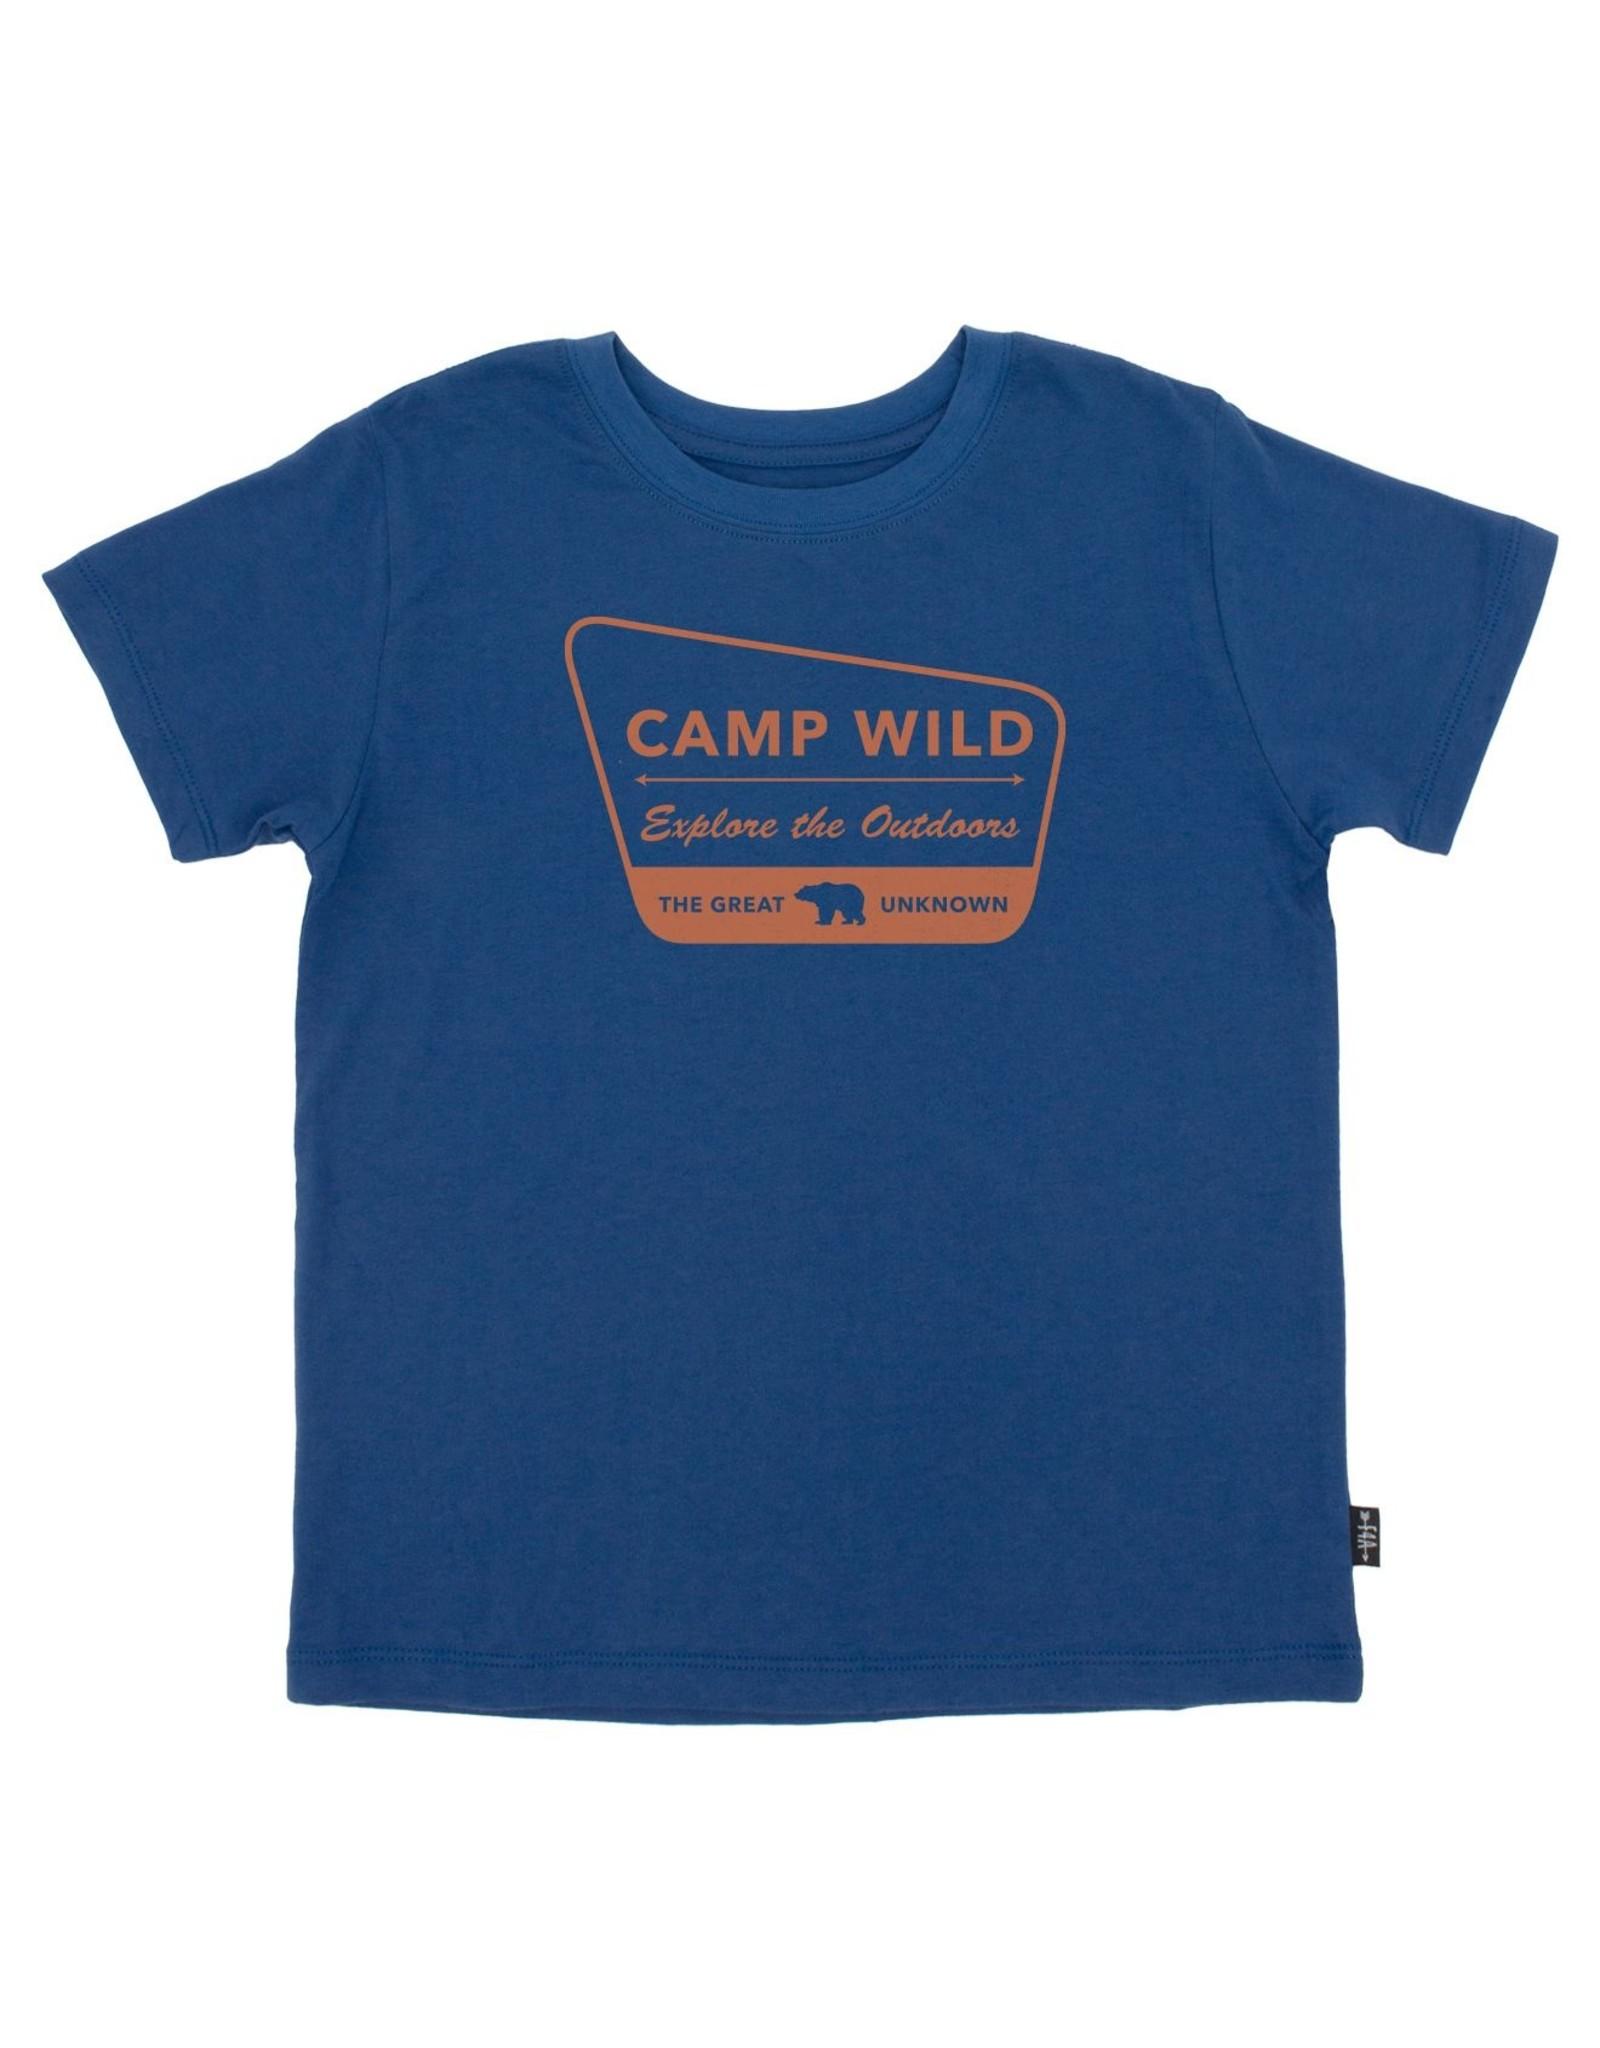 Feather 4 Arrow camp wild tee